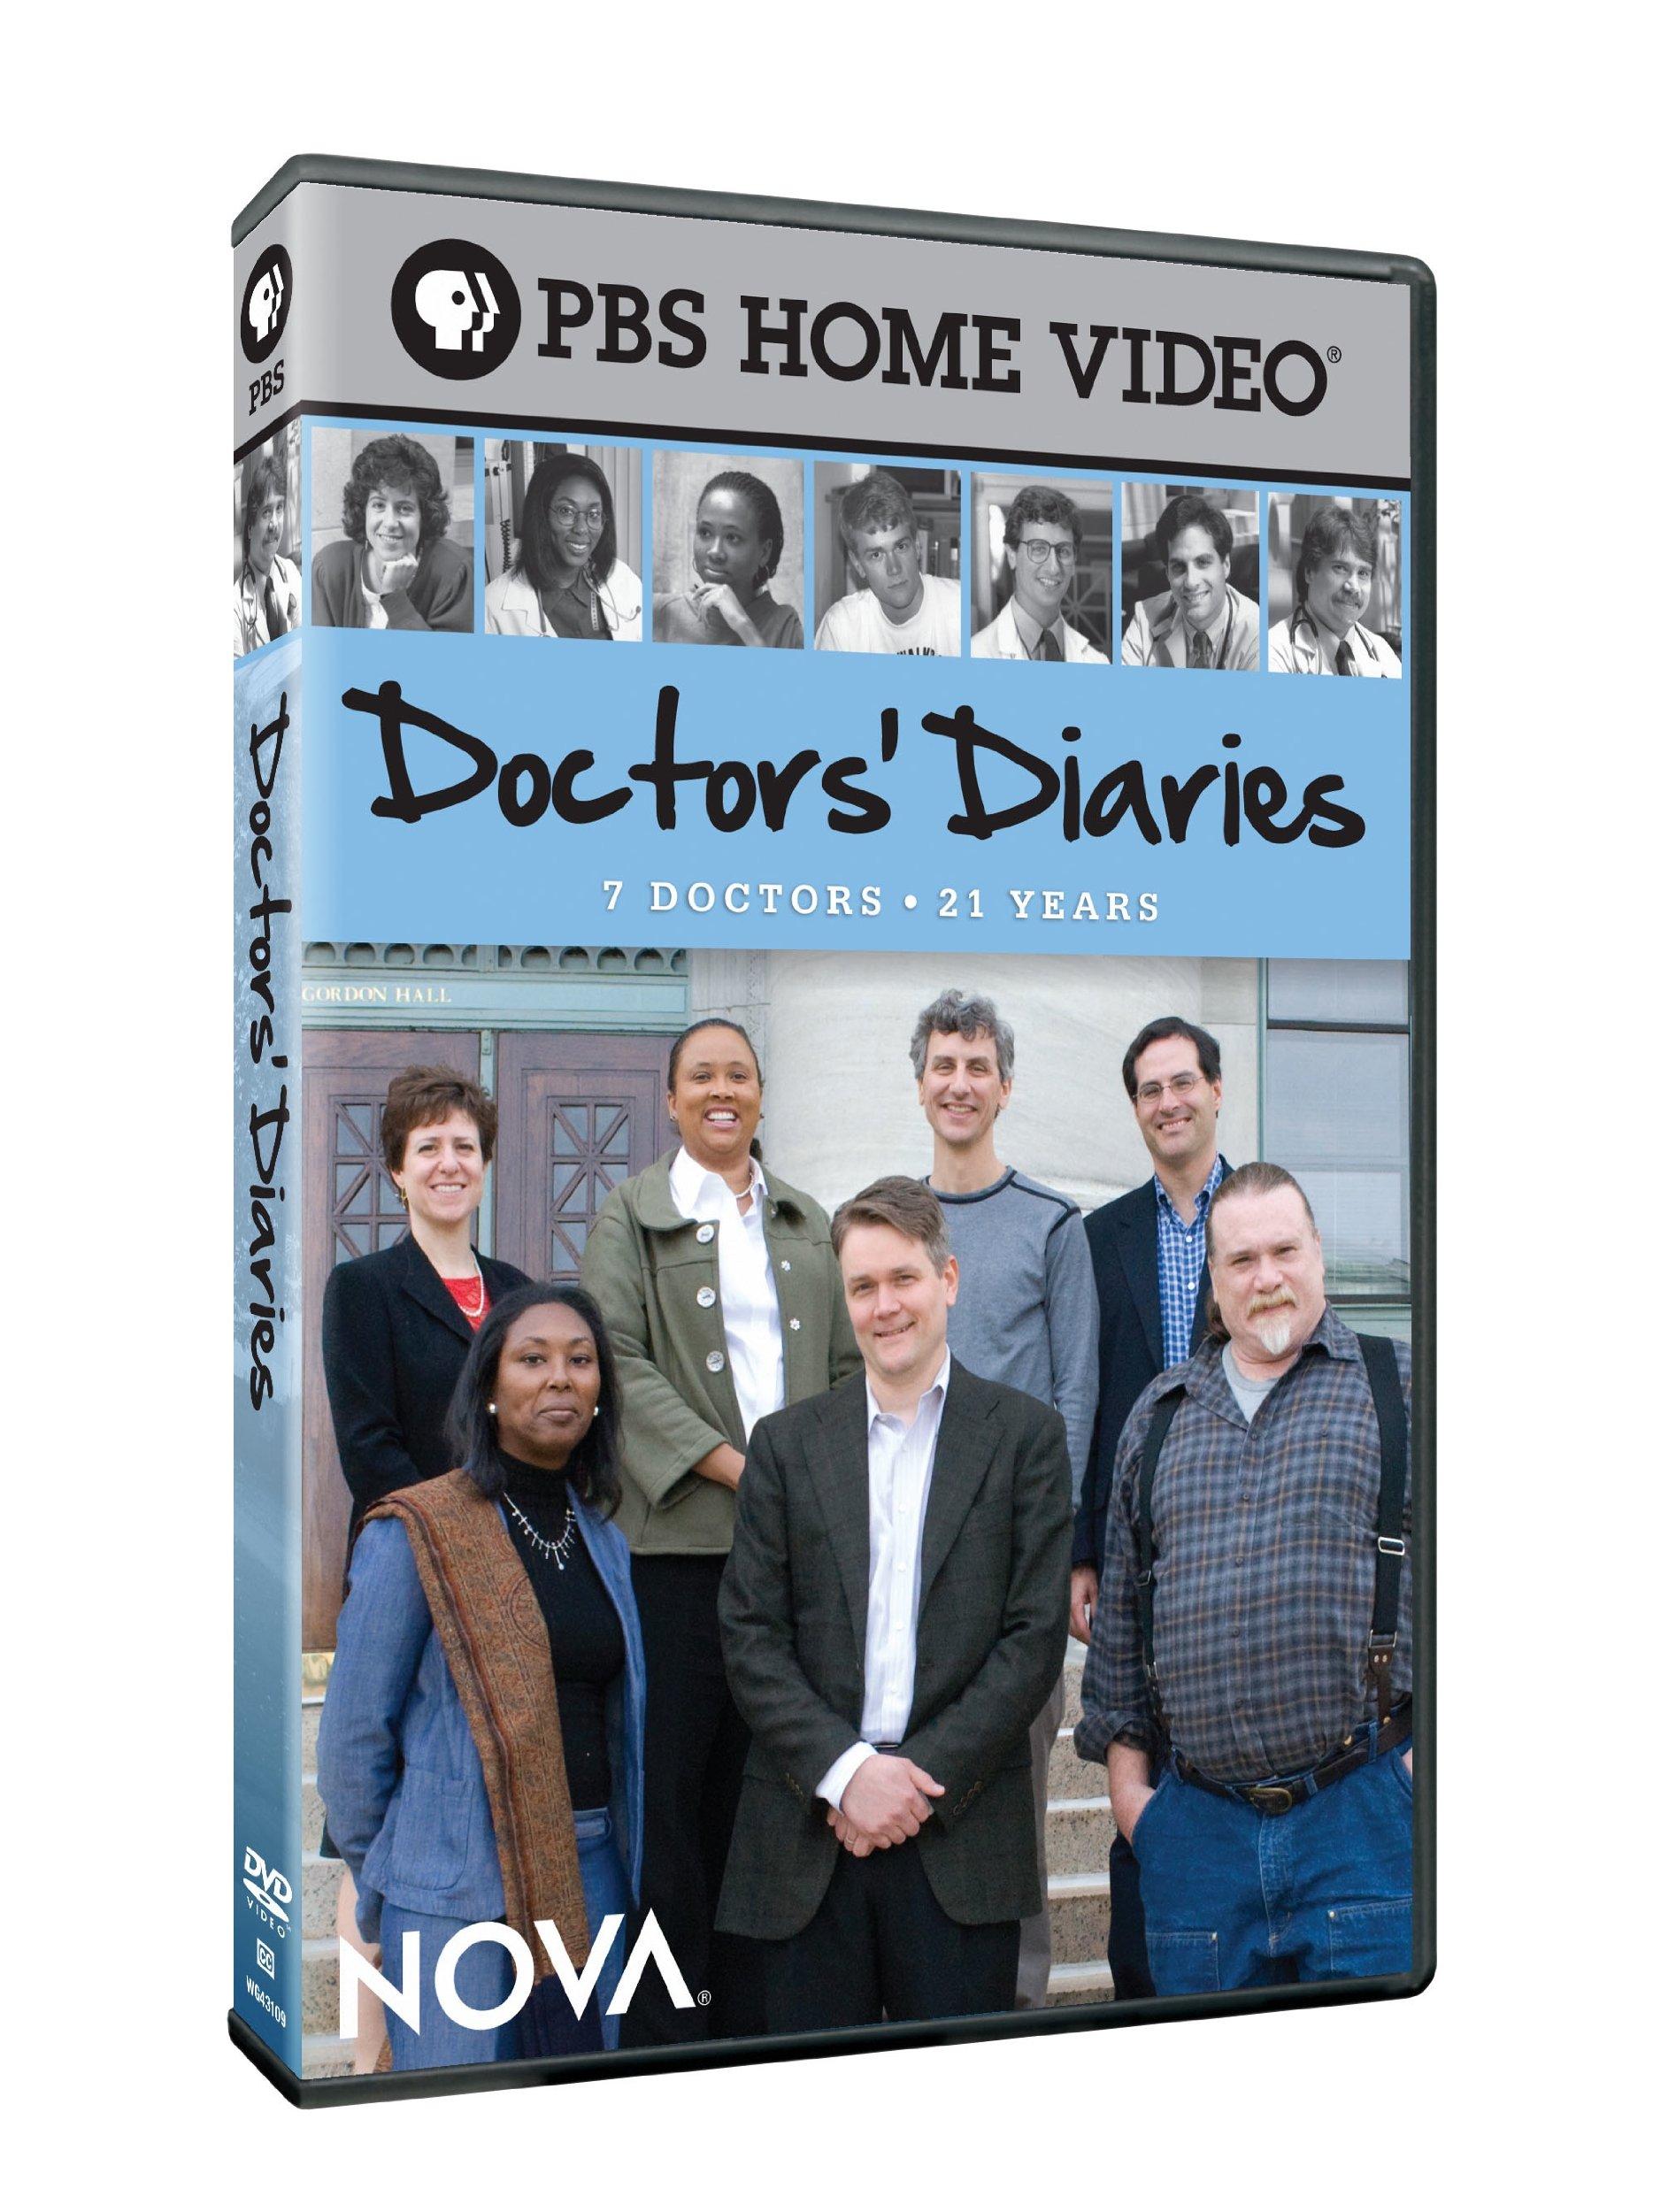 NOVA: Doctors' Diaries